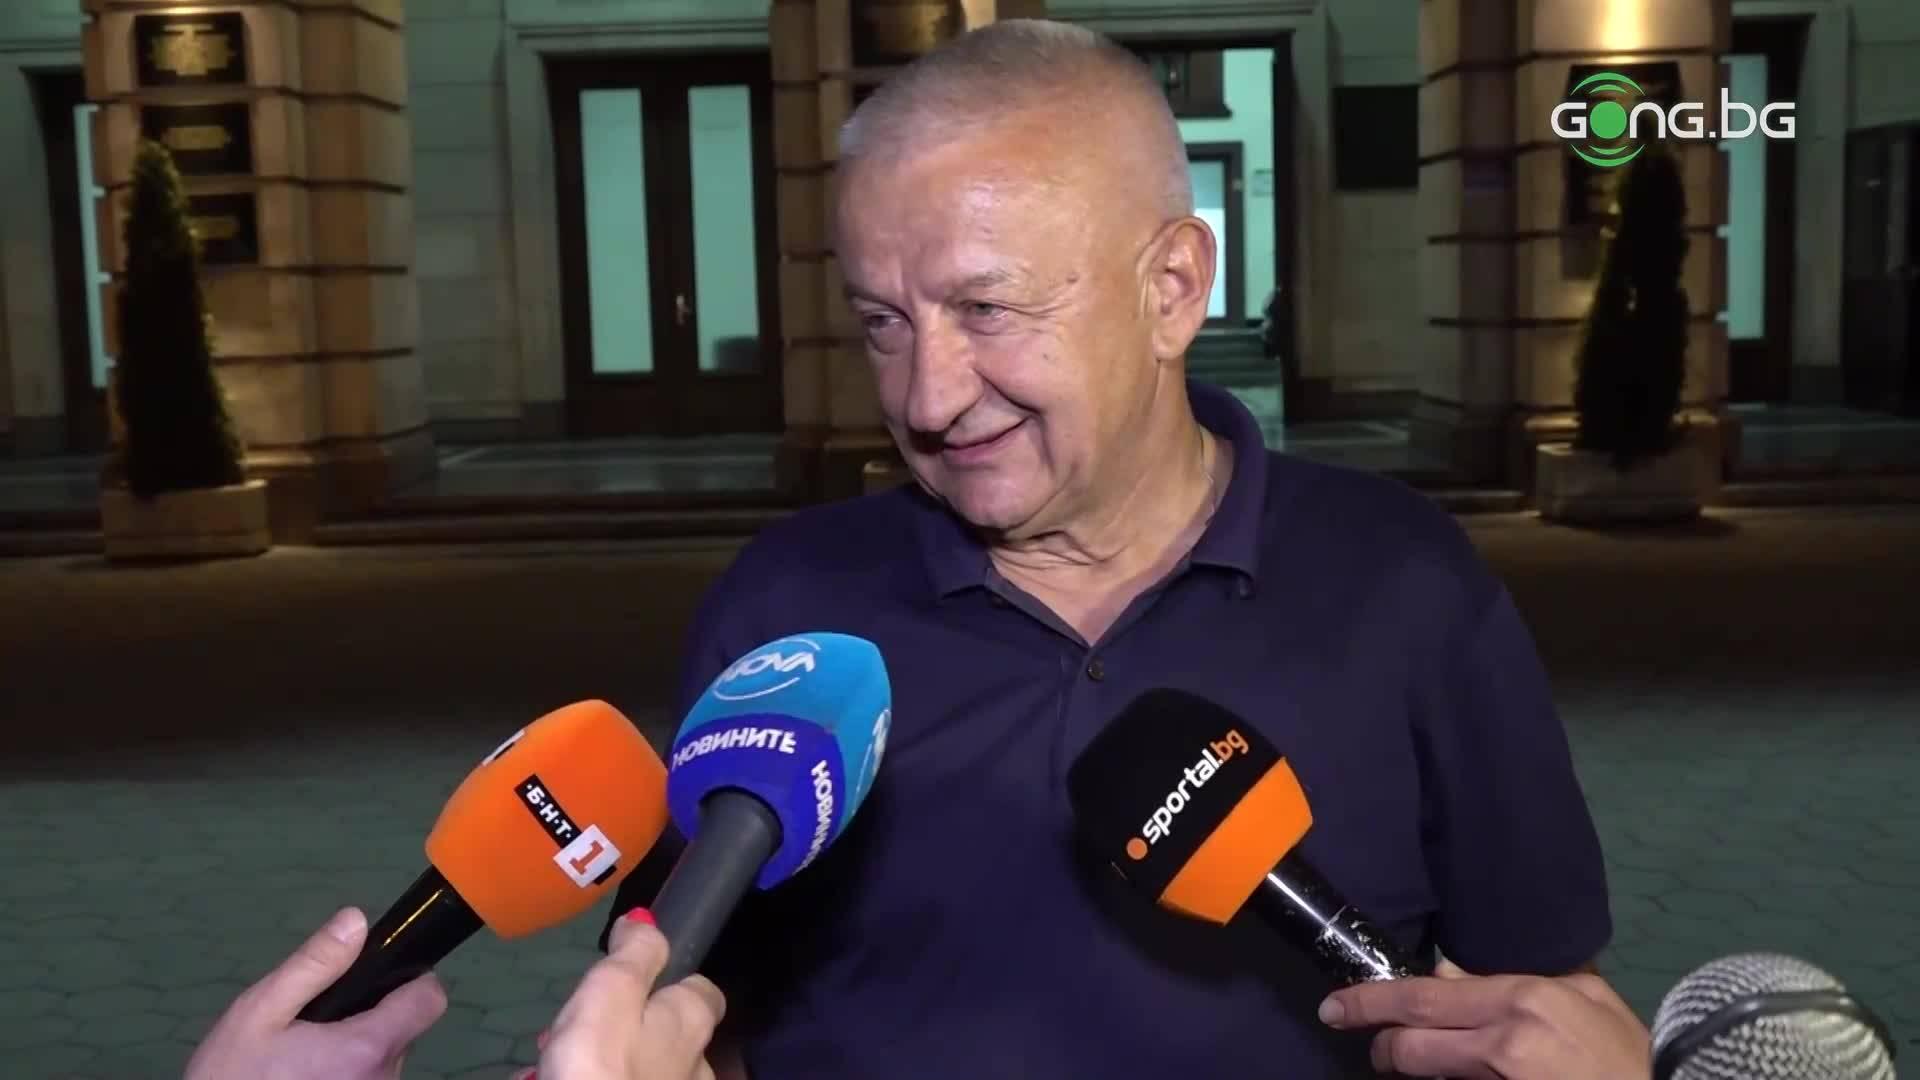 Крушарски: Най-накрая някой трябва да тури ред!